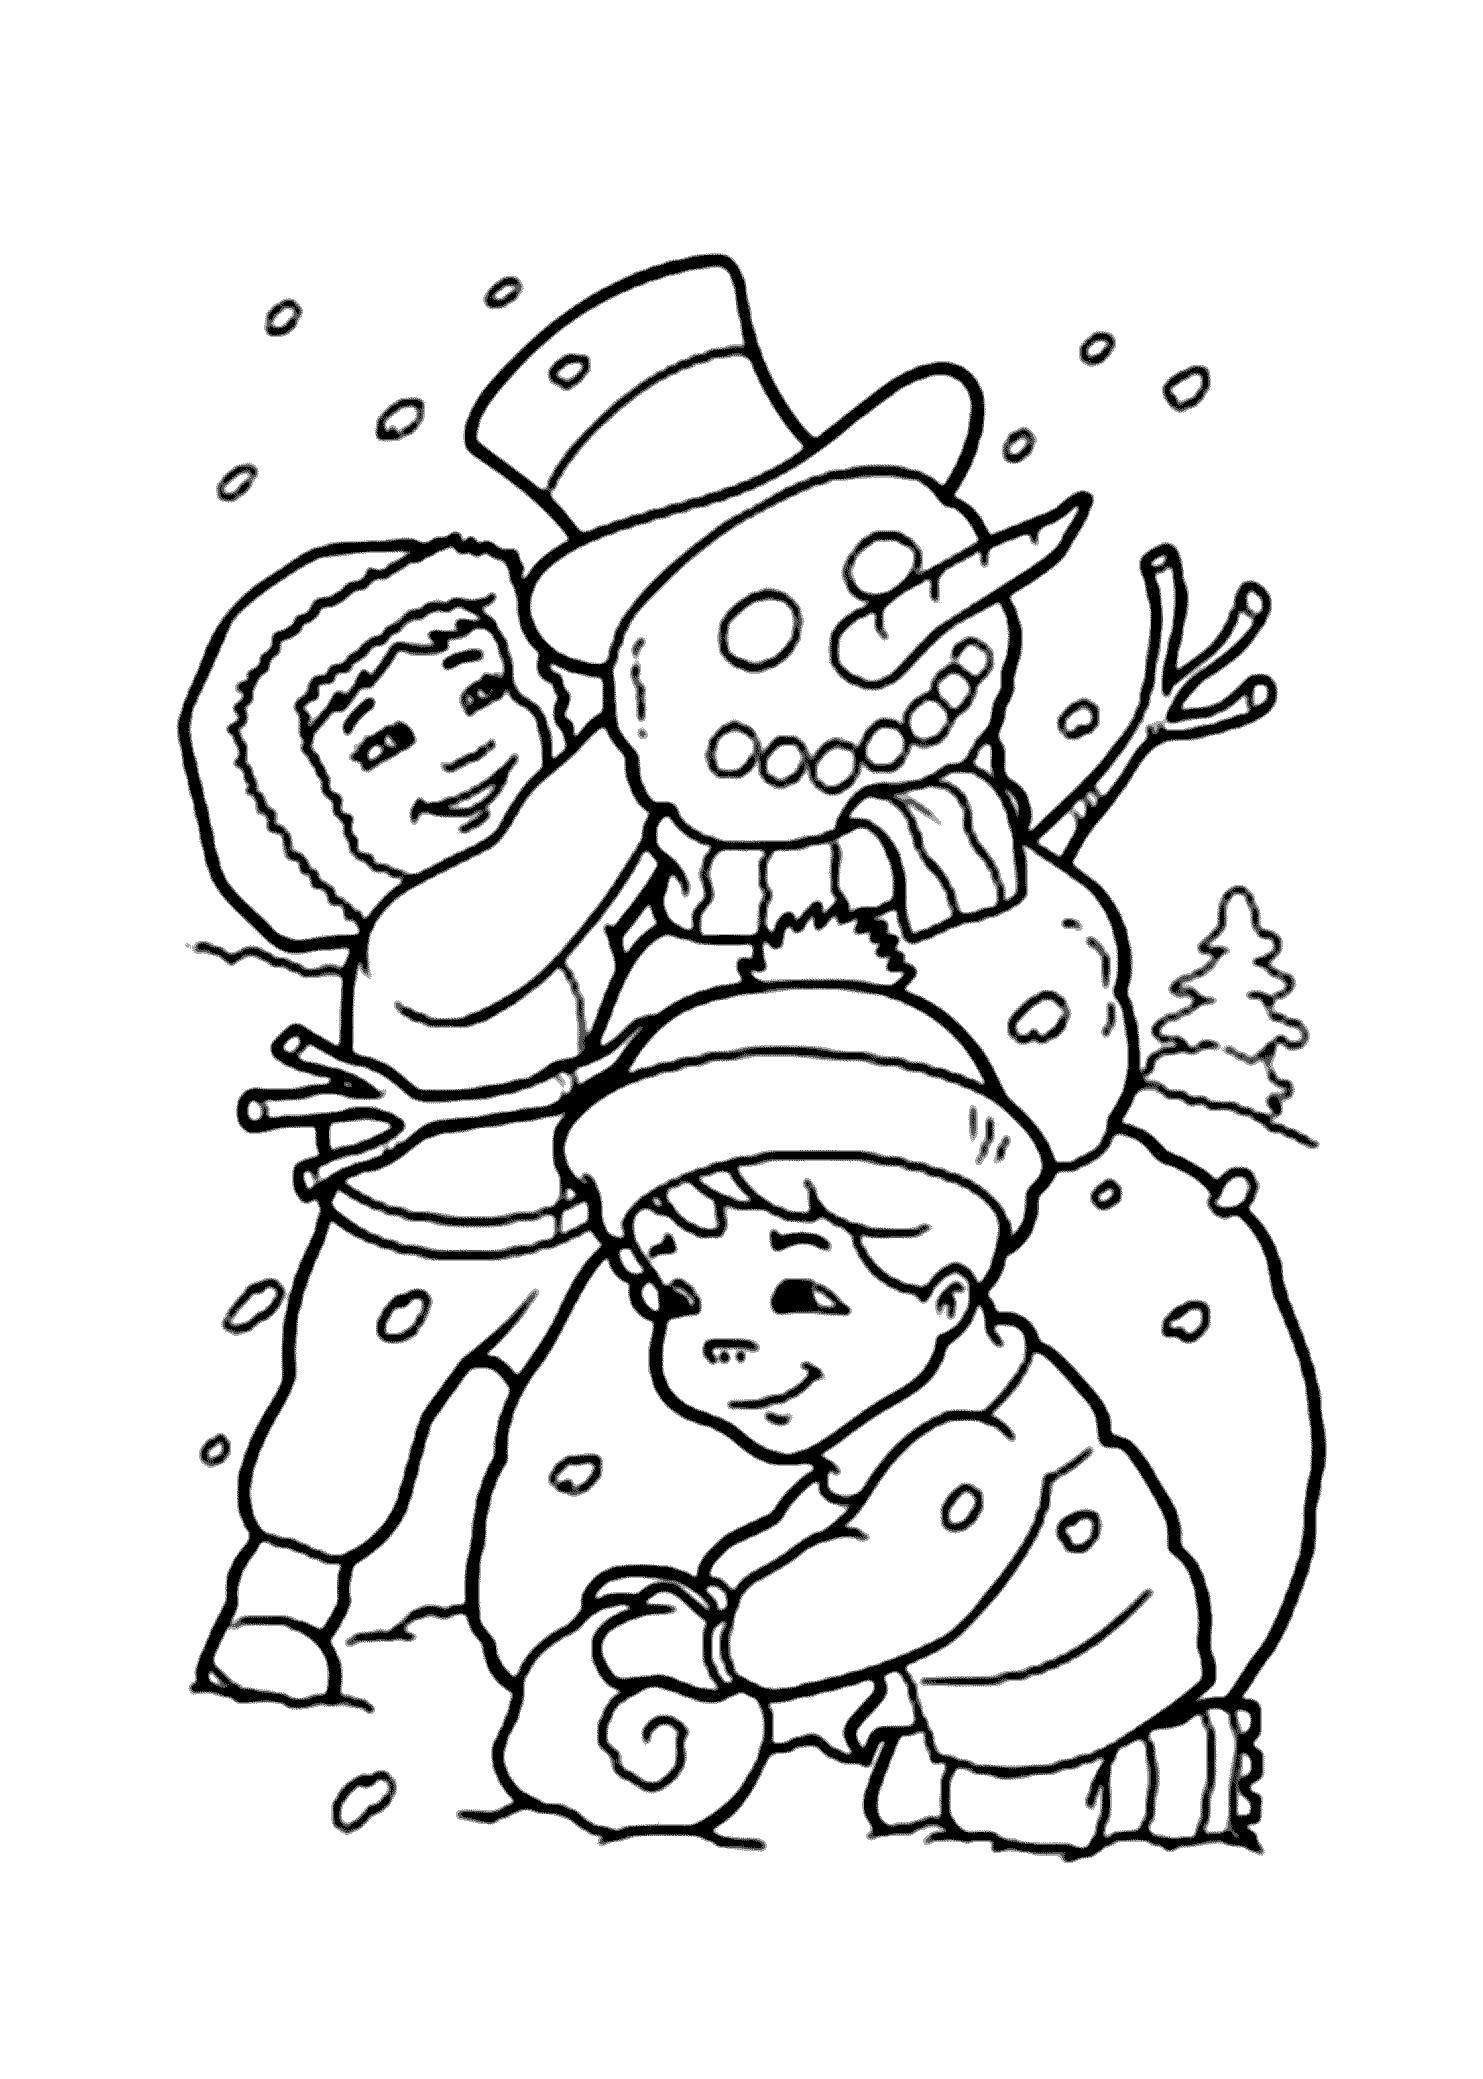 Название: Раскраска Дети лепят снеговика. Категория: . Теги: .